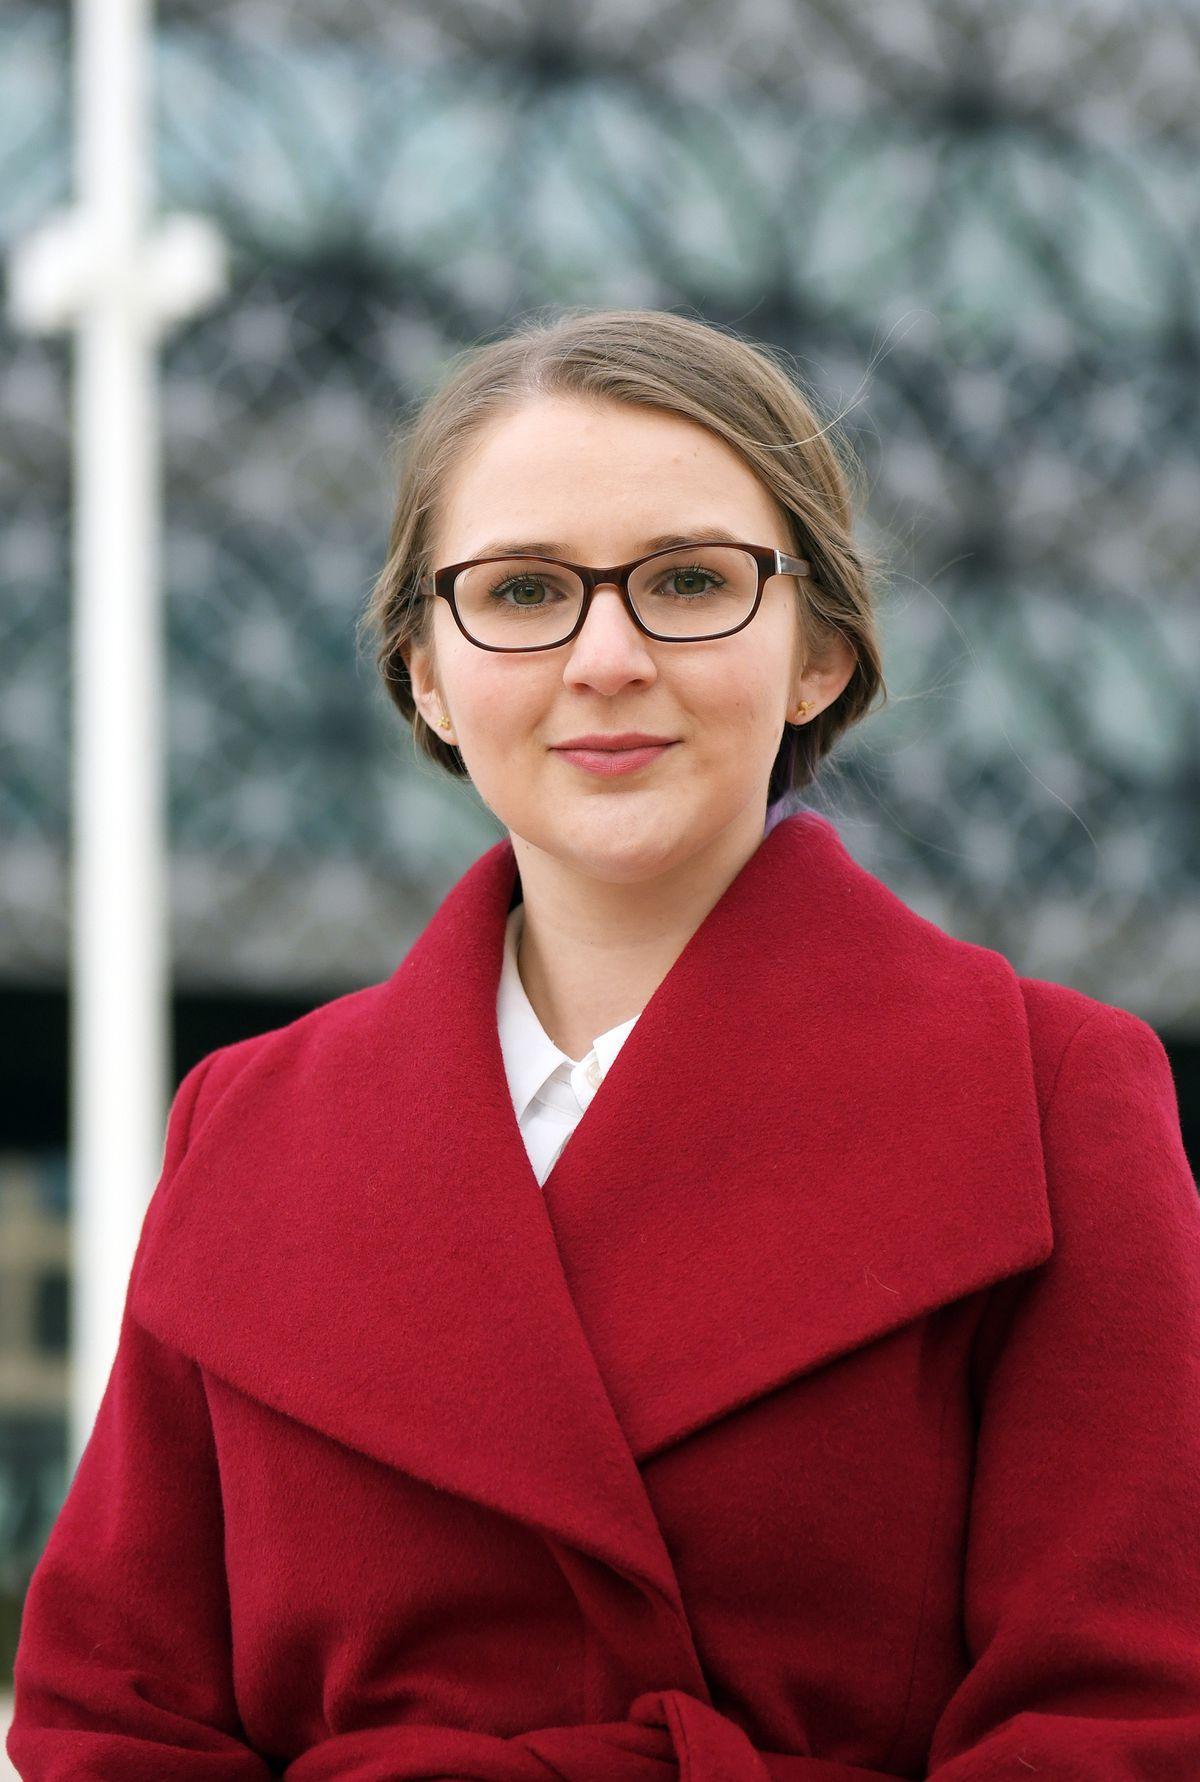 GBCC chief executive Henrietta Brealey